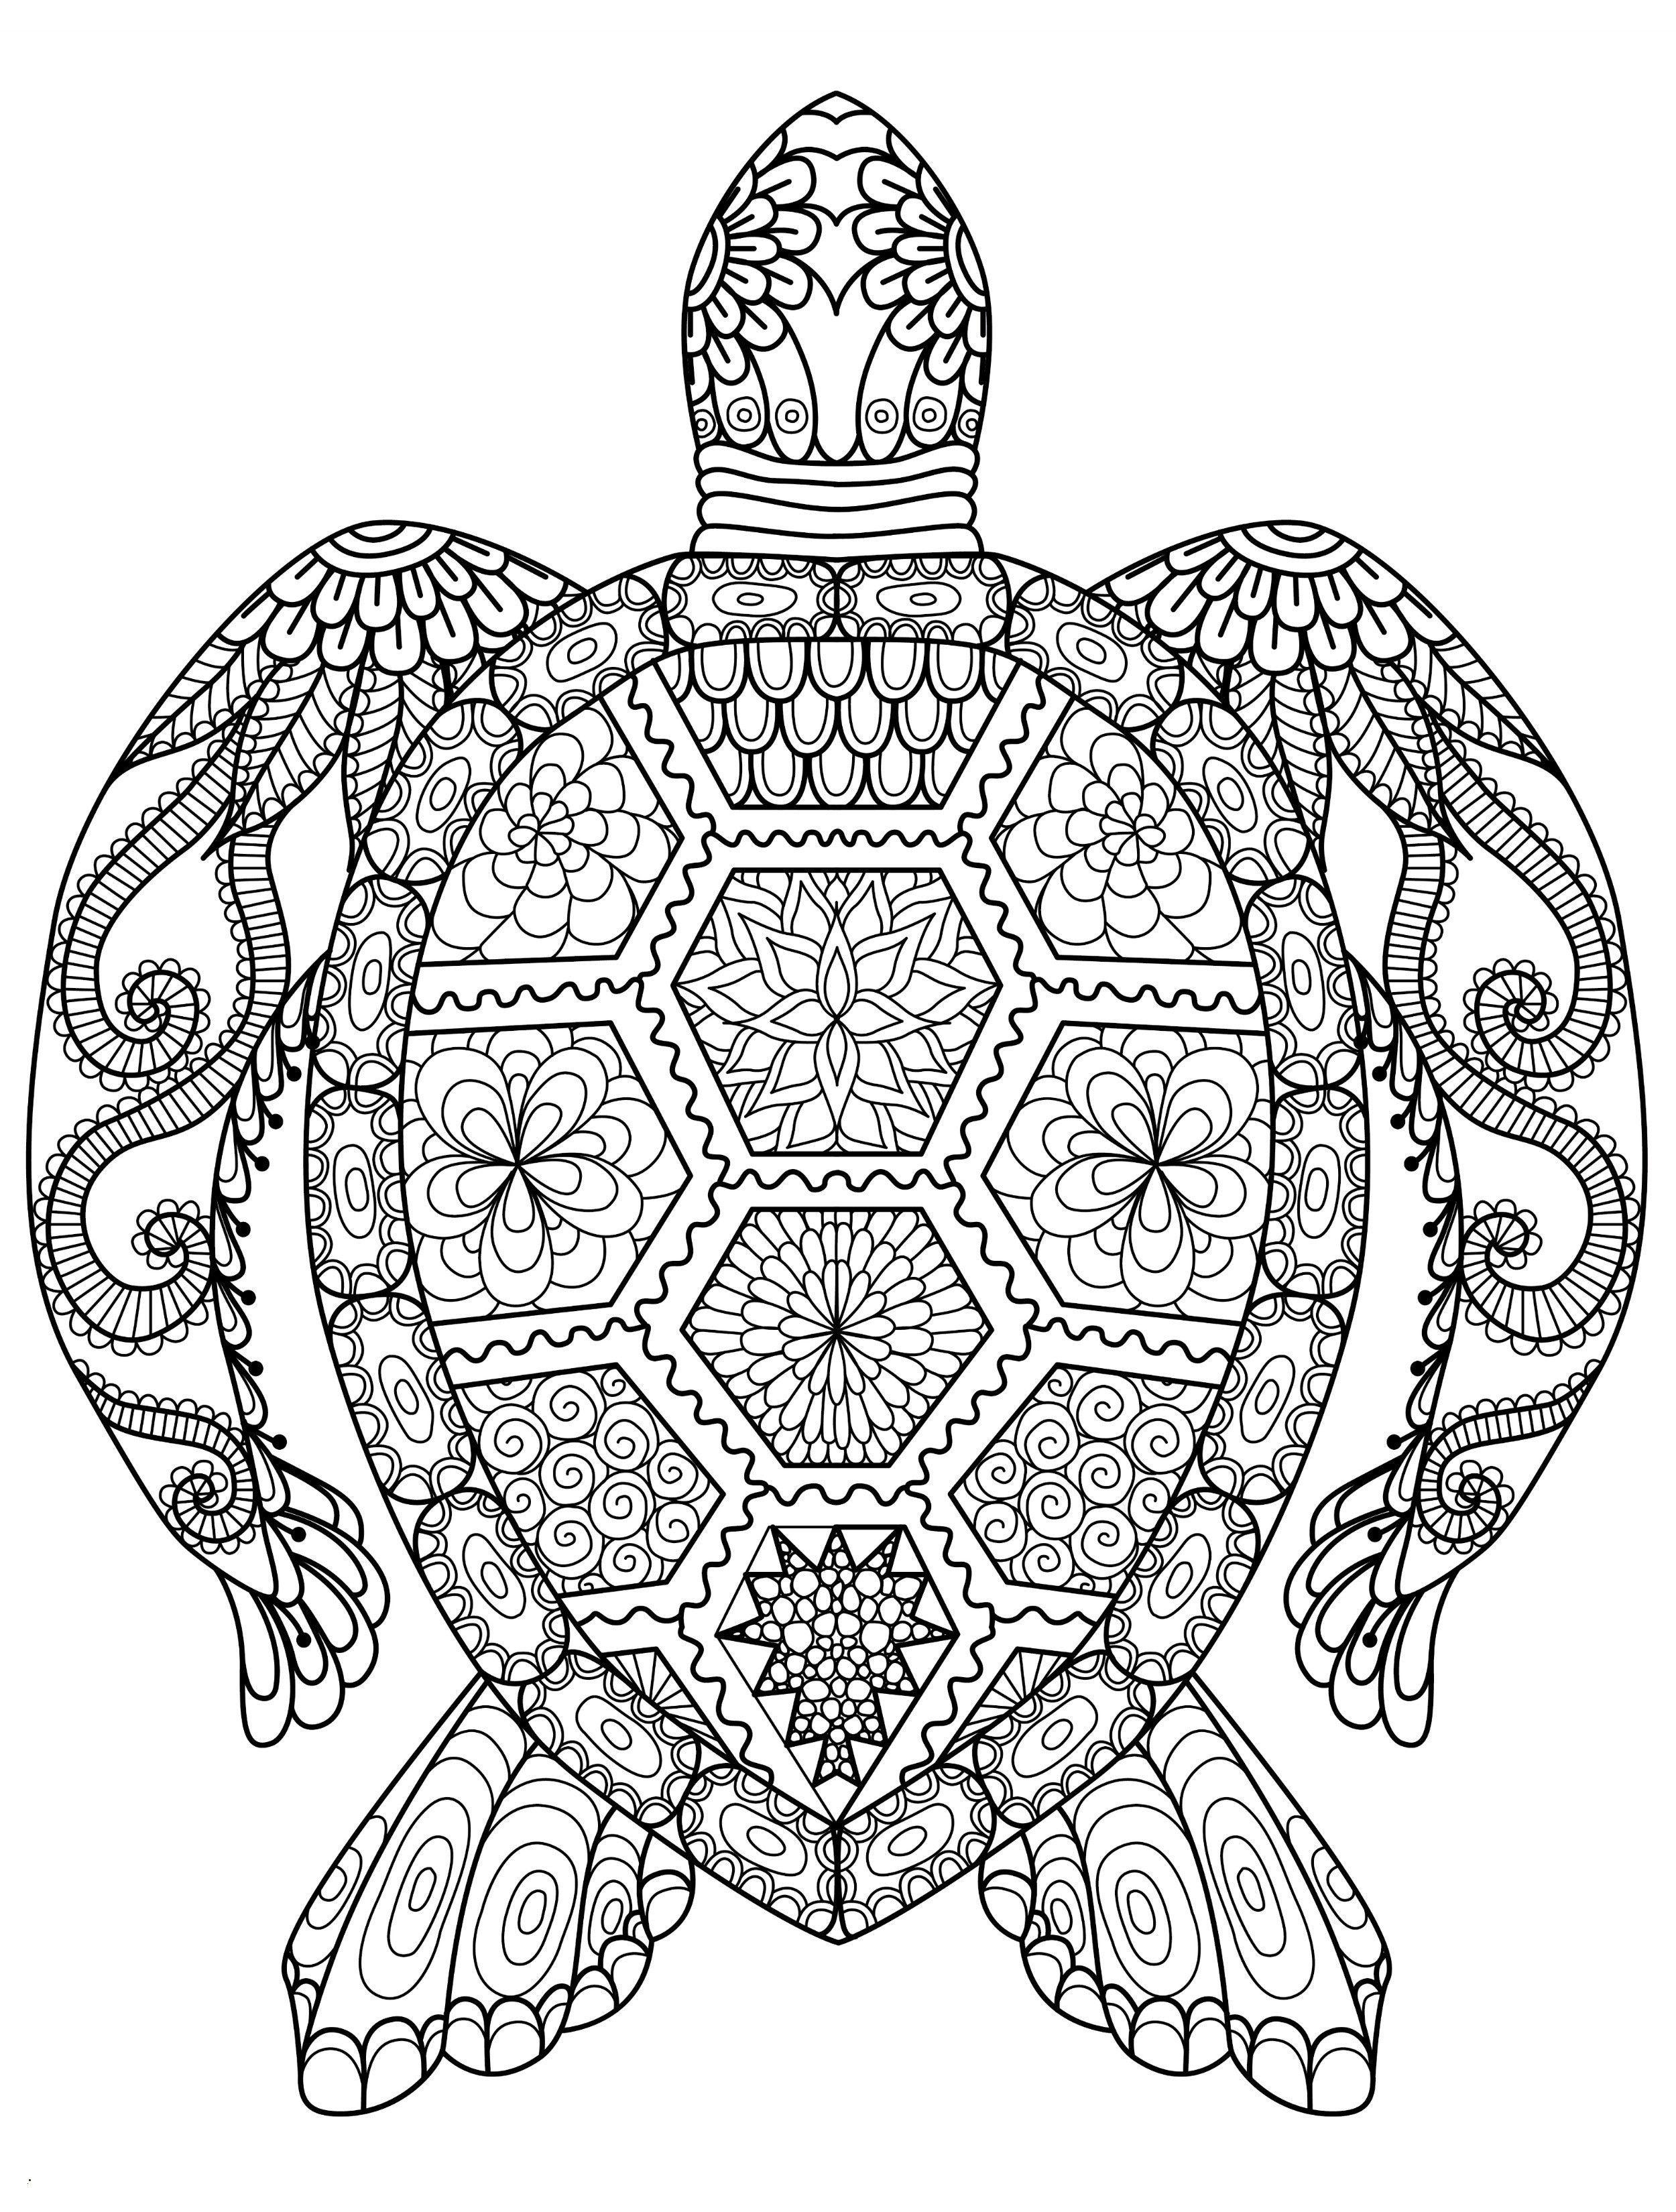 Einzigartig Ausmalbilder Tiere Mit Muster  Ausmalbilder, Mandala